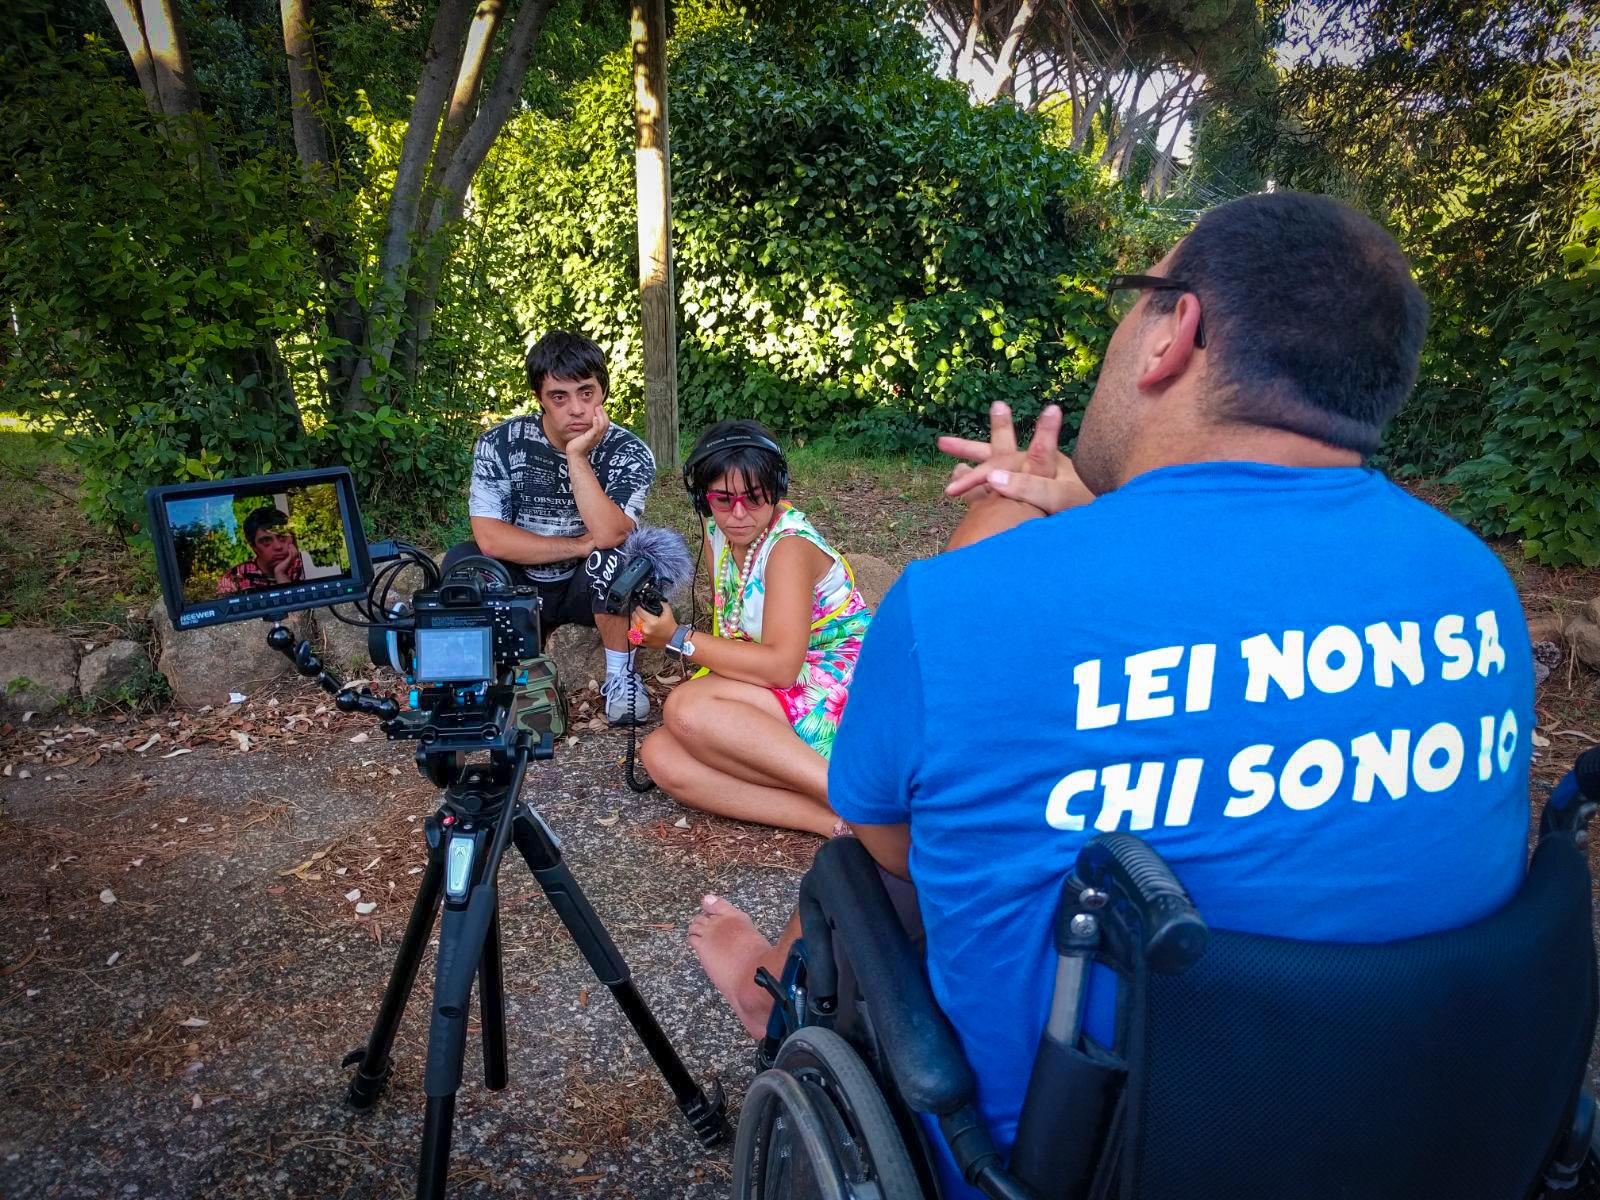 """sulla sedia del regista, Luca indossa una maglietta con la scritta """"Lei non sa chi sono io"""" mentre intervista Andrea"""